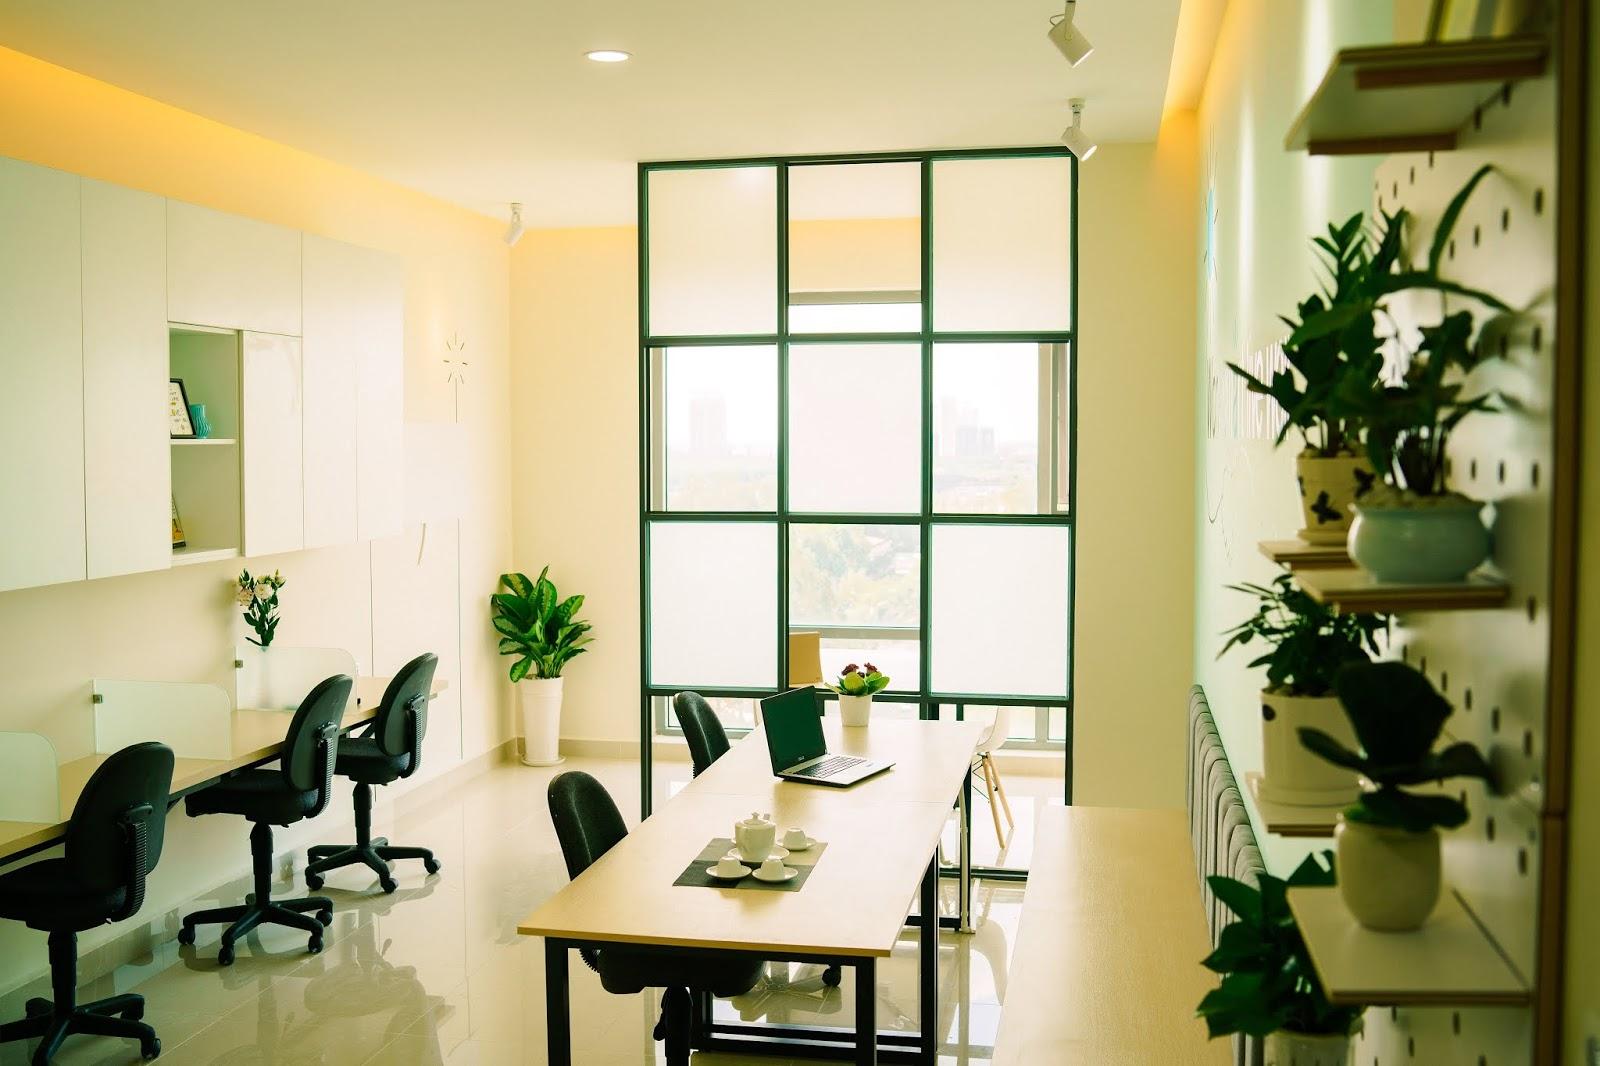 Xu hướng thuê văn phòng chia sẻ đang được nhiều công ty sử dụng